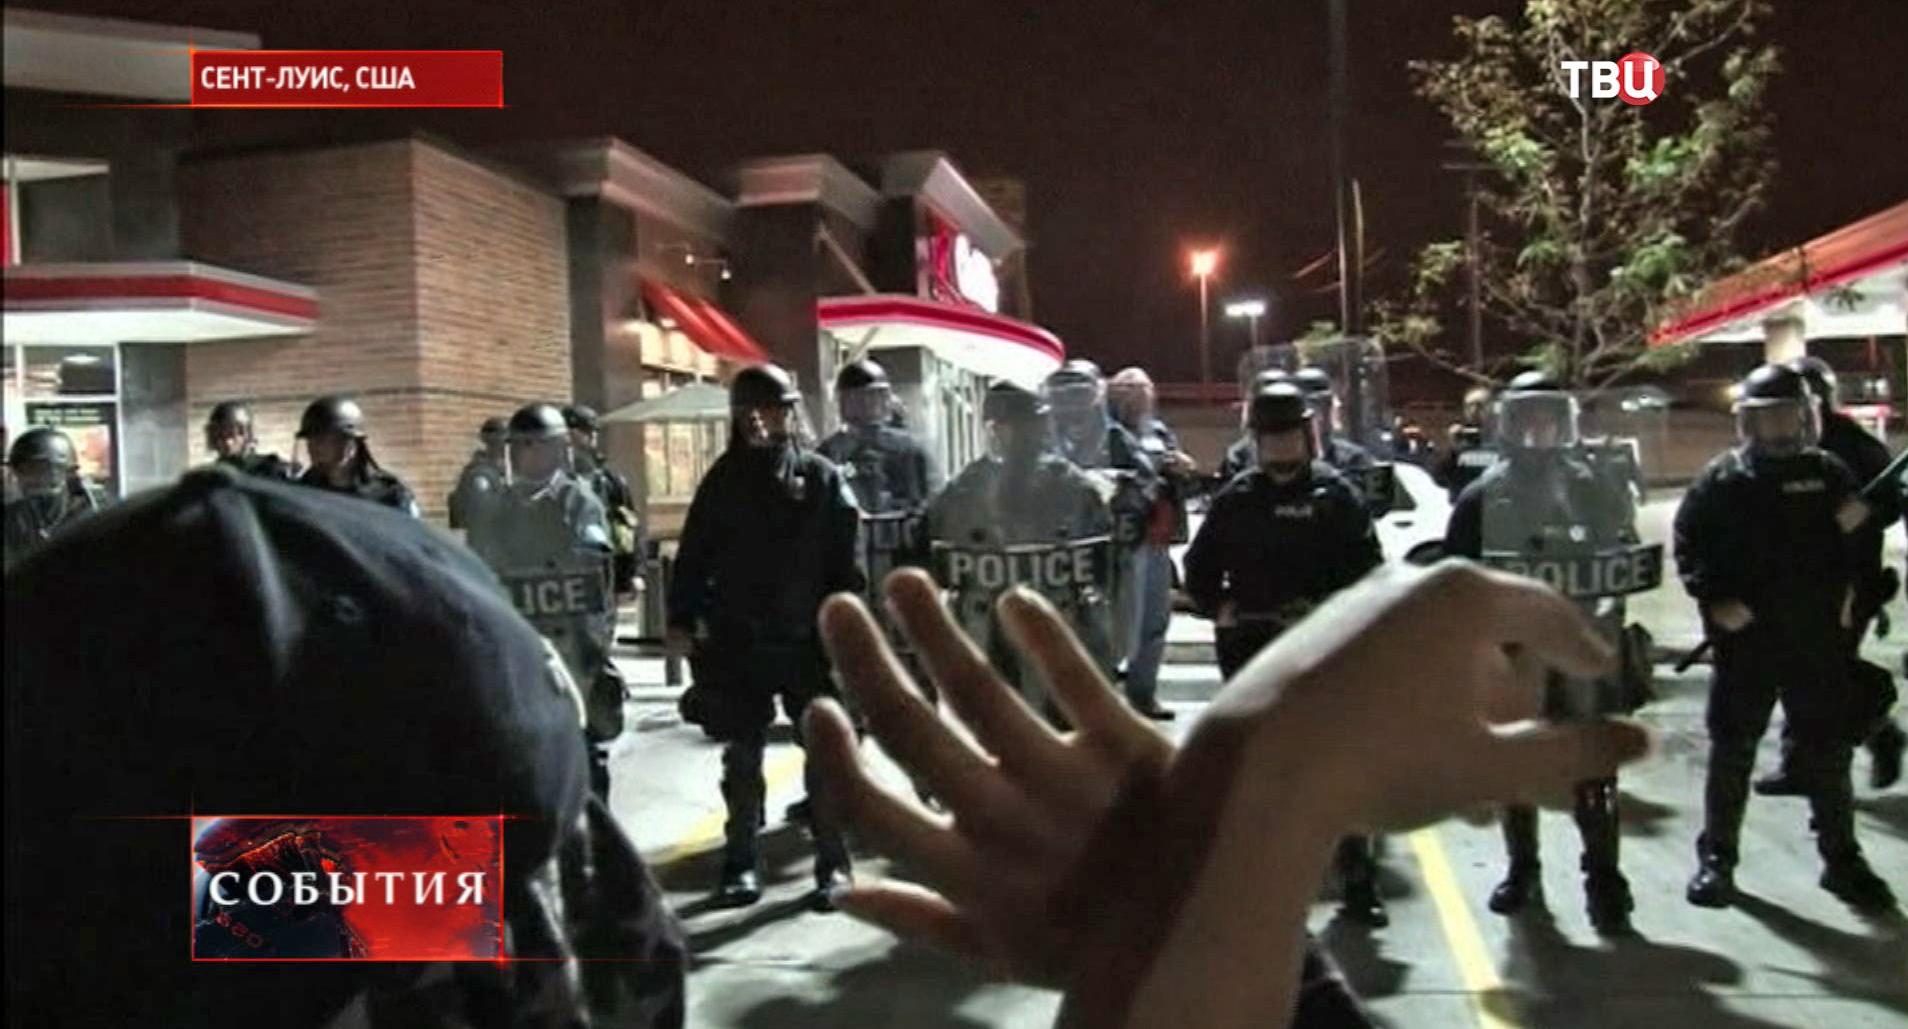 Уличные протесты в США